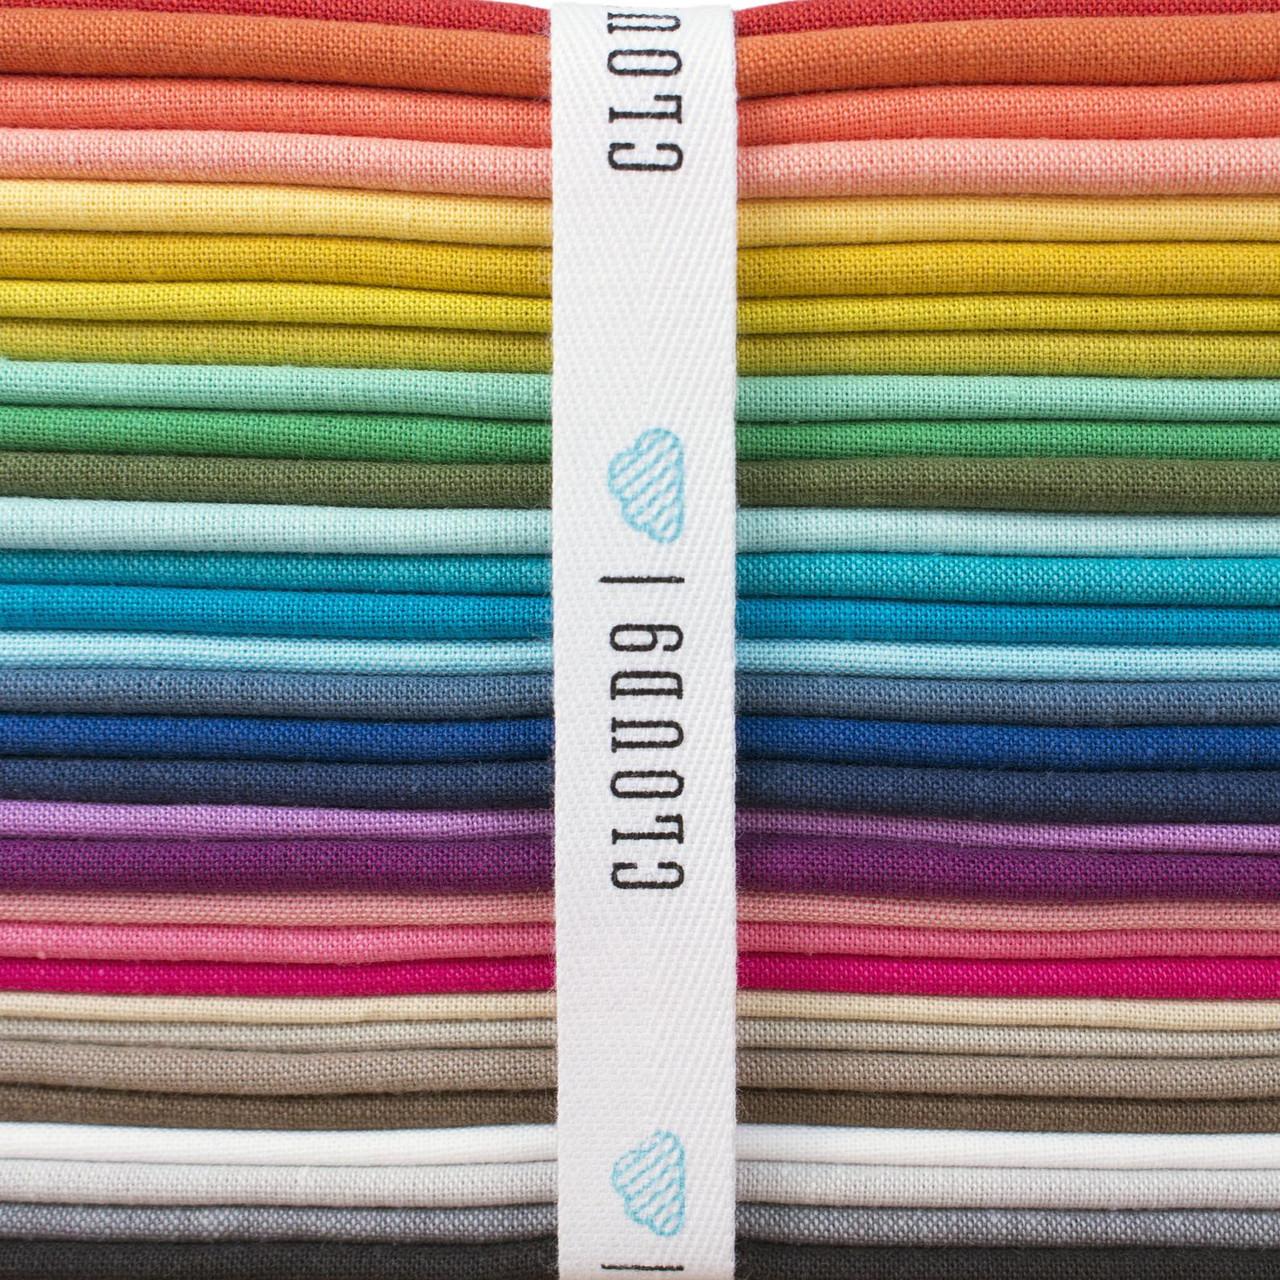 CLOUD 9, CIRRUS SOLIDS, 100% ORGANIC Cotton , Elegante Virgule Canada, Quilting Cotton